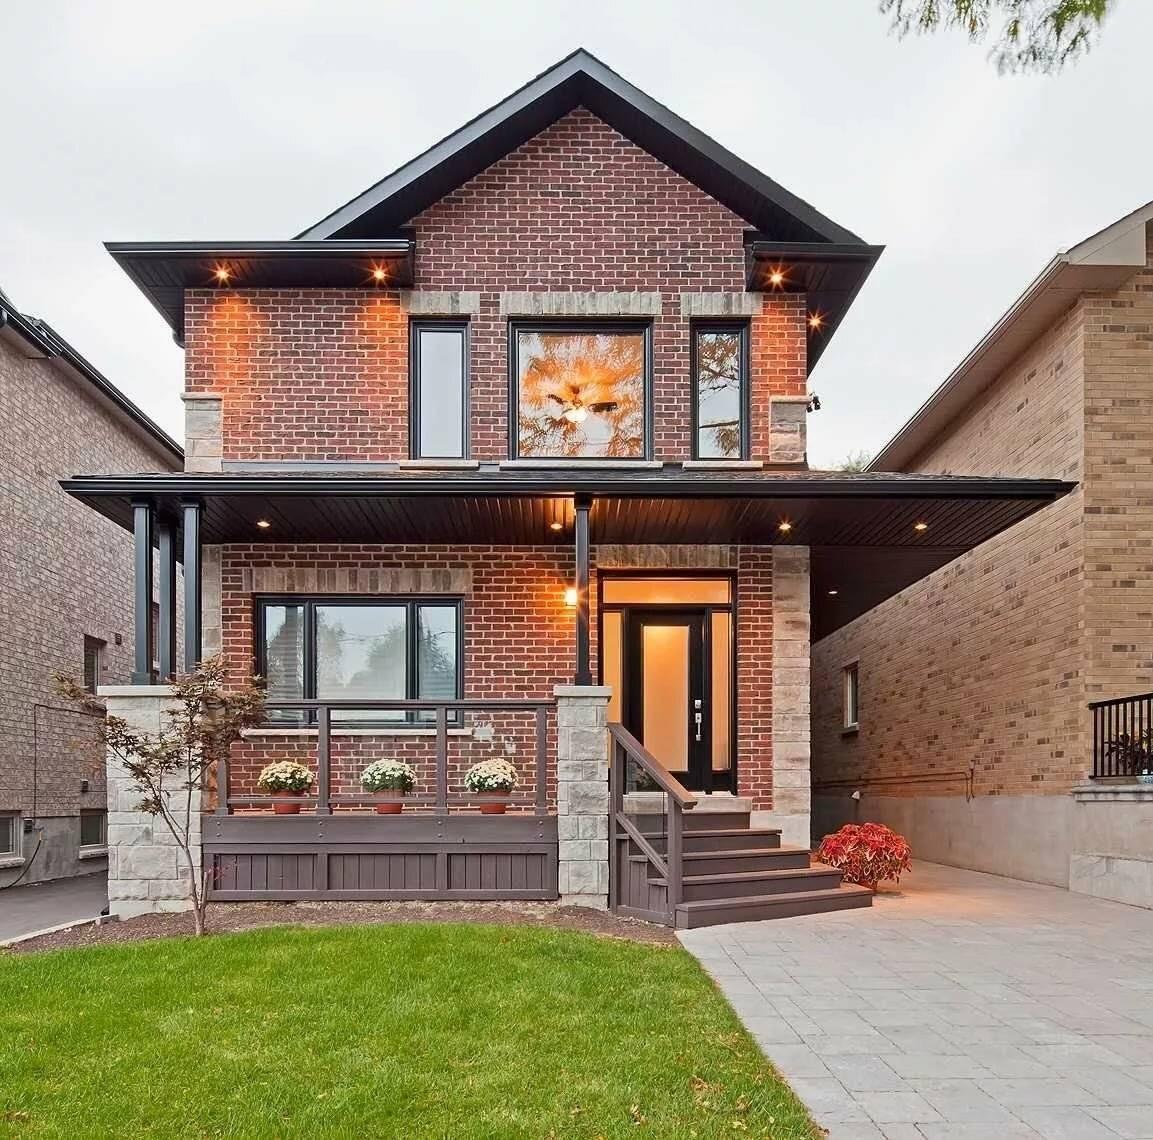 Красивые дома: фото внутри и снаружи, различные стили